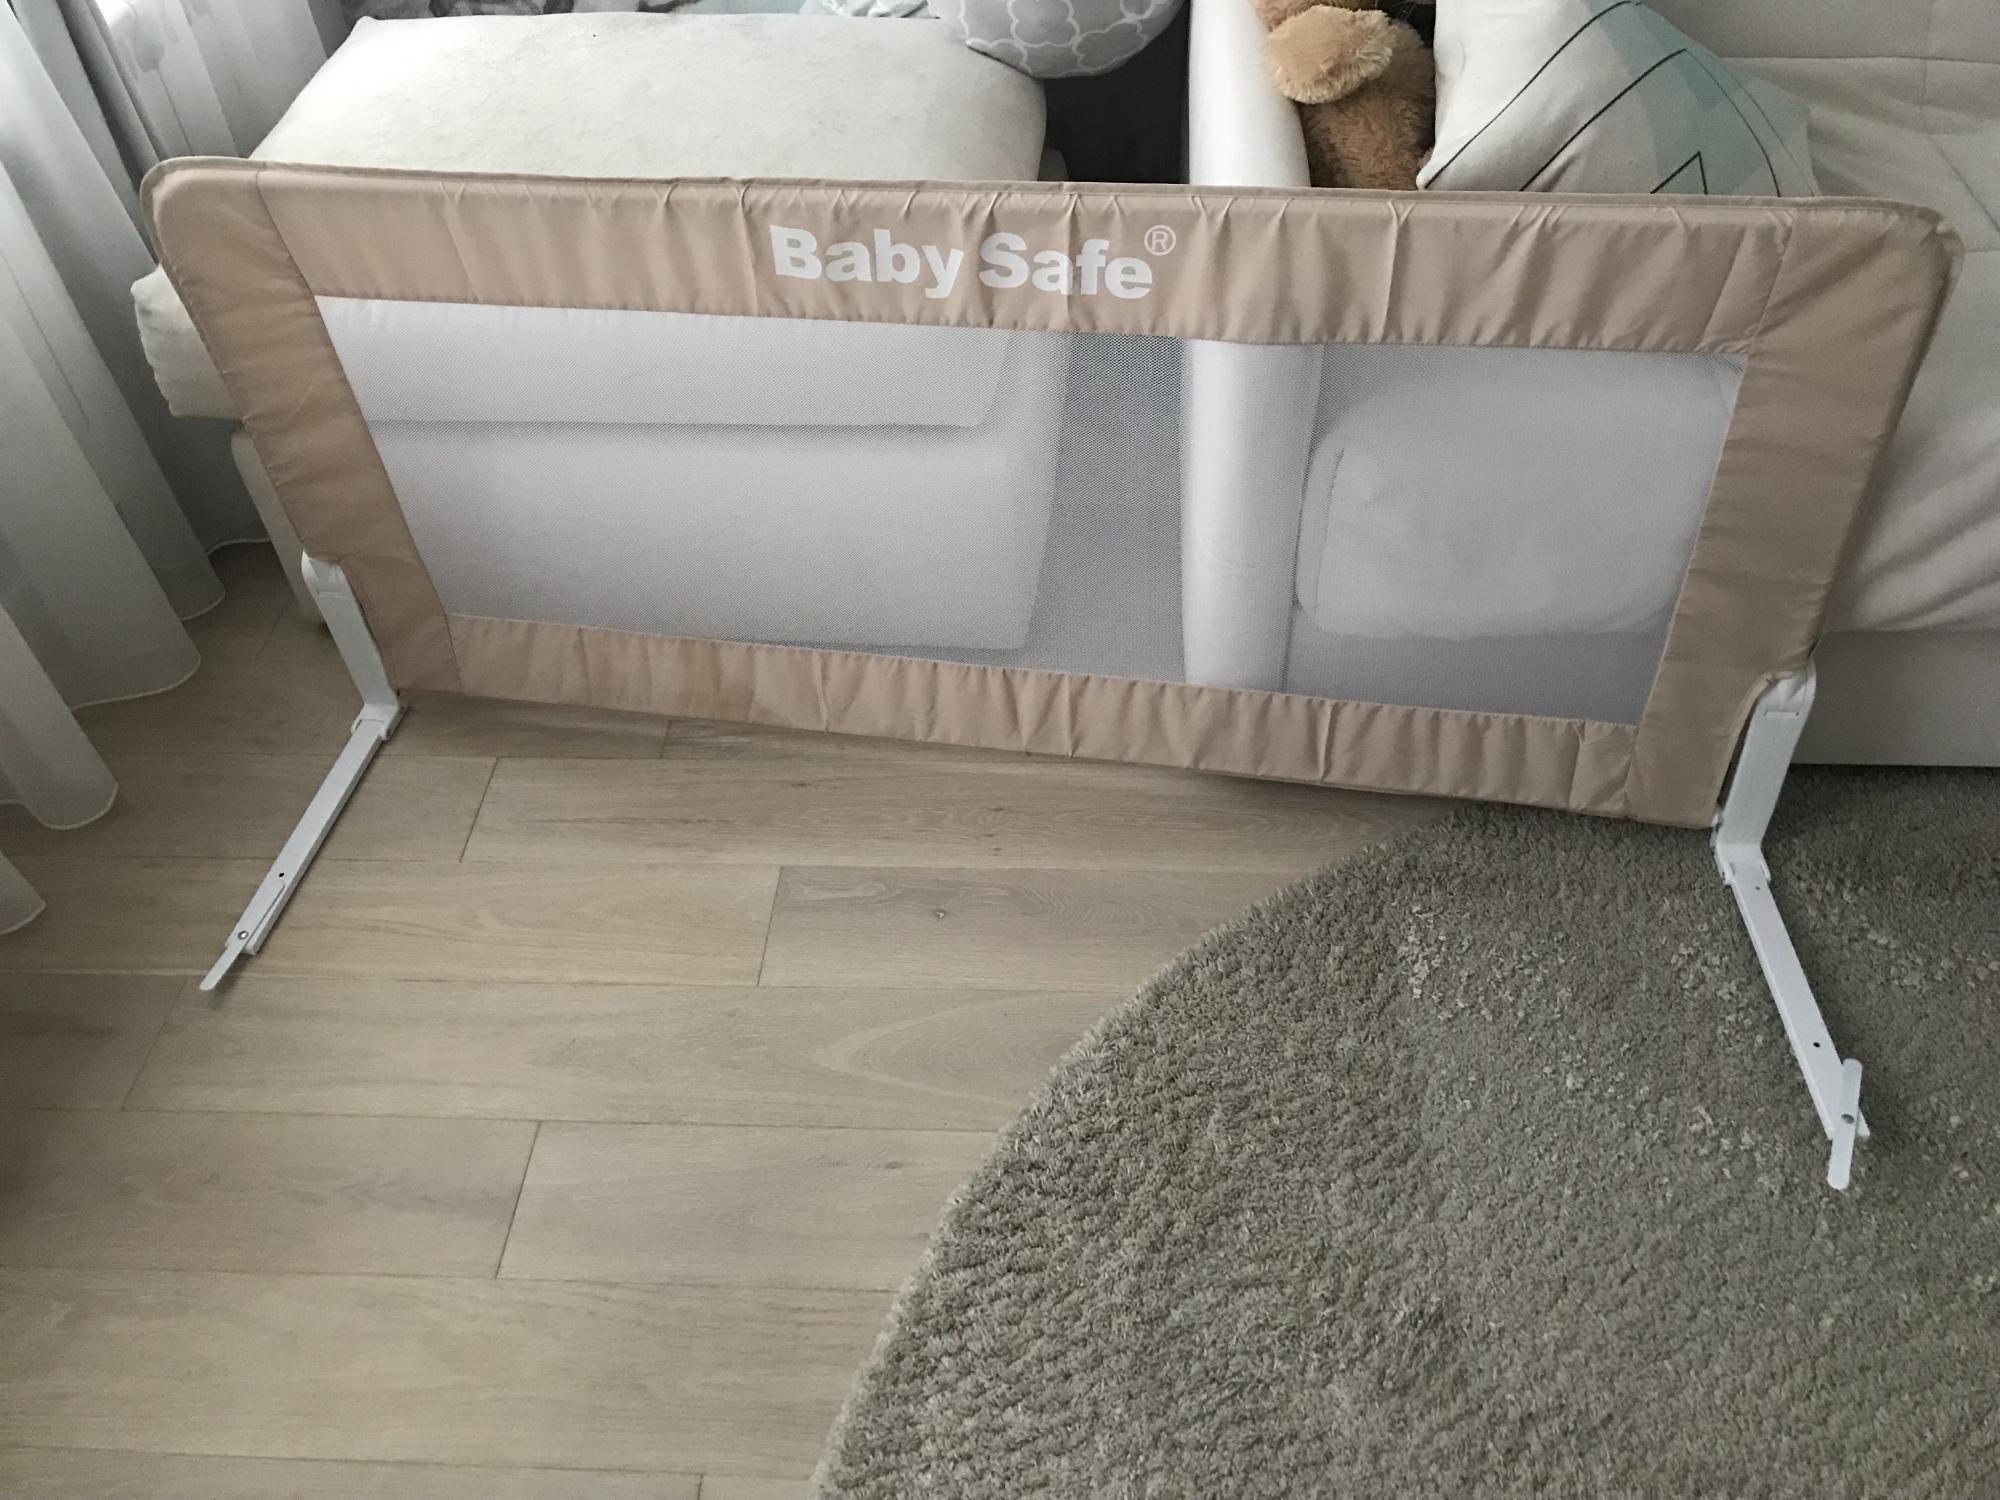 барьер для кровати беби сейф фото смешные